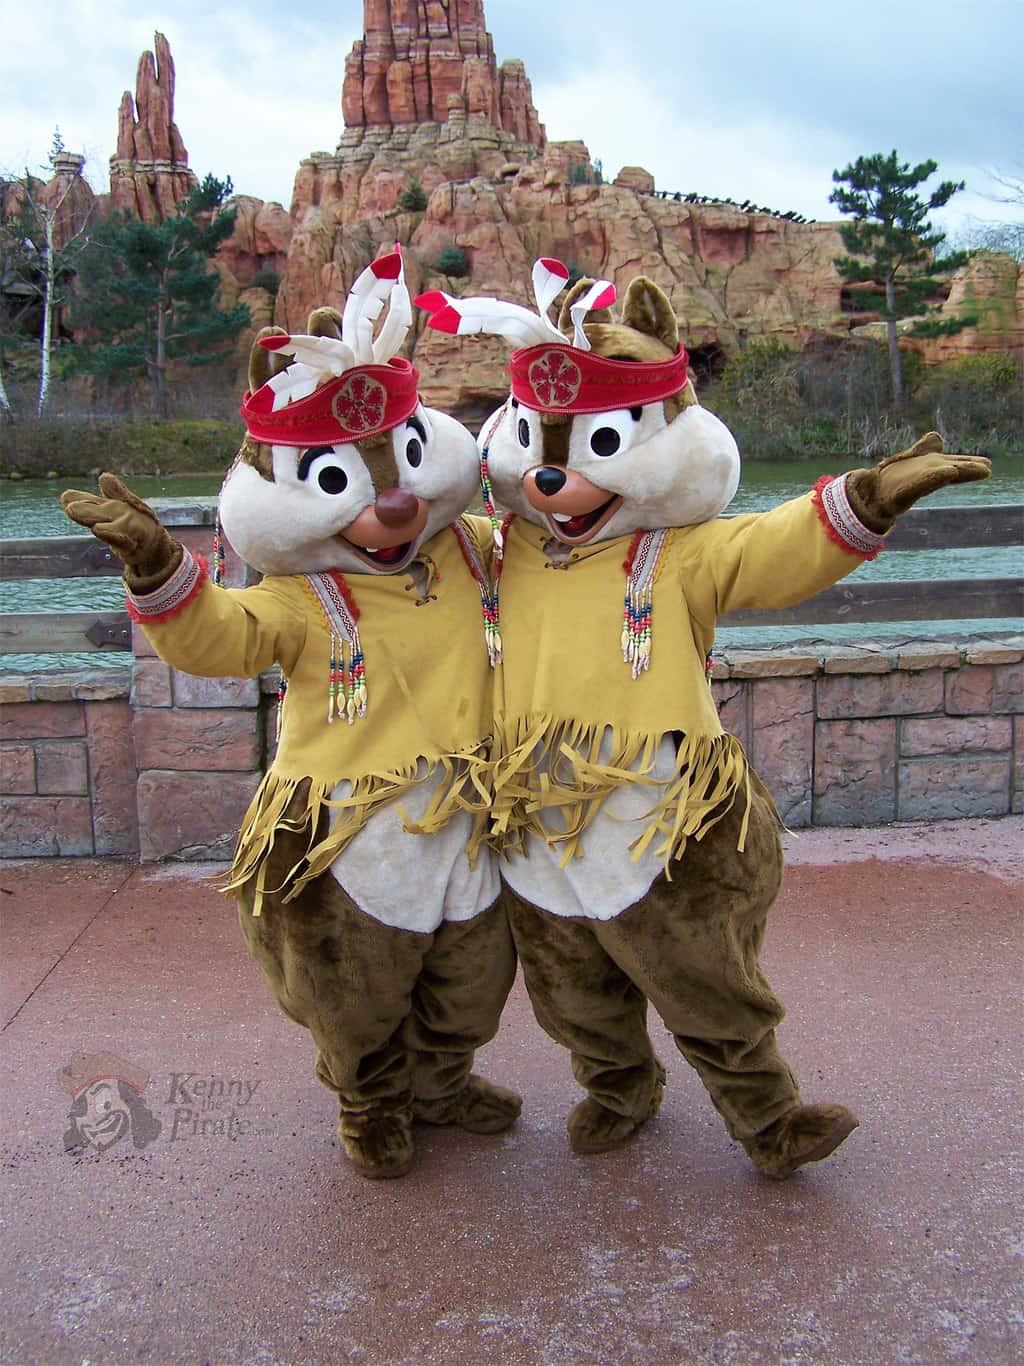 Chip n Dale meet n greet dressed as Indians at Frontierland in Disneyland Paris